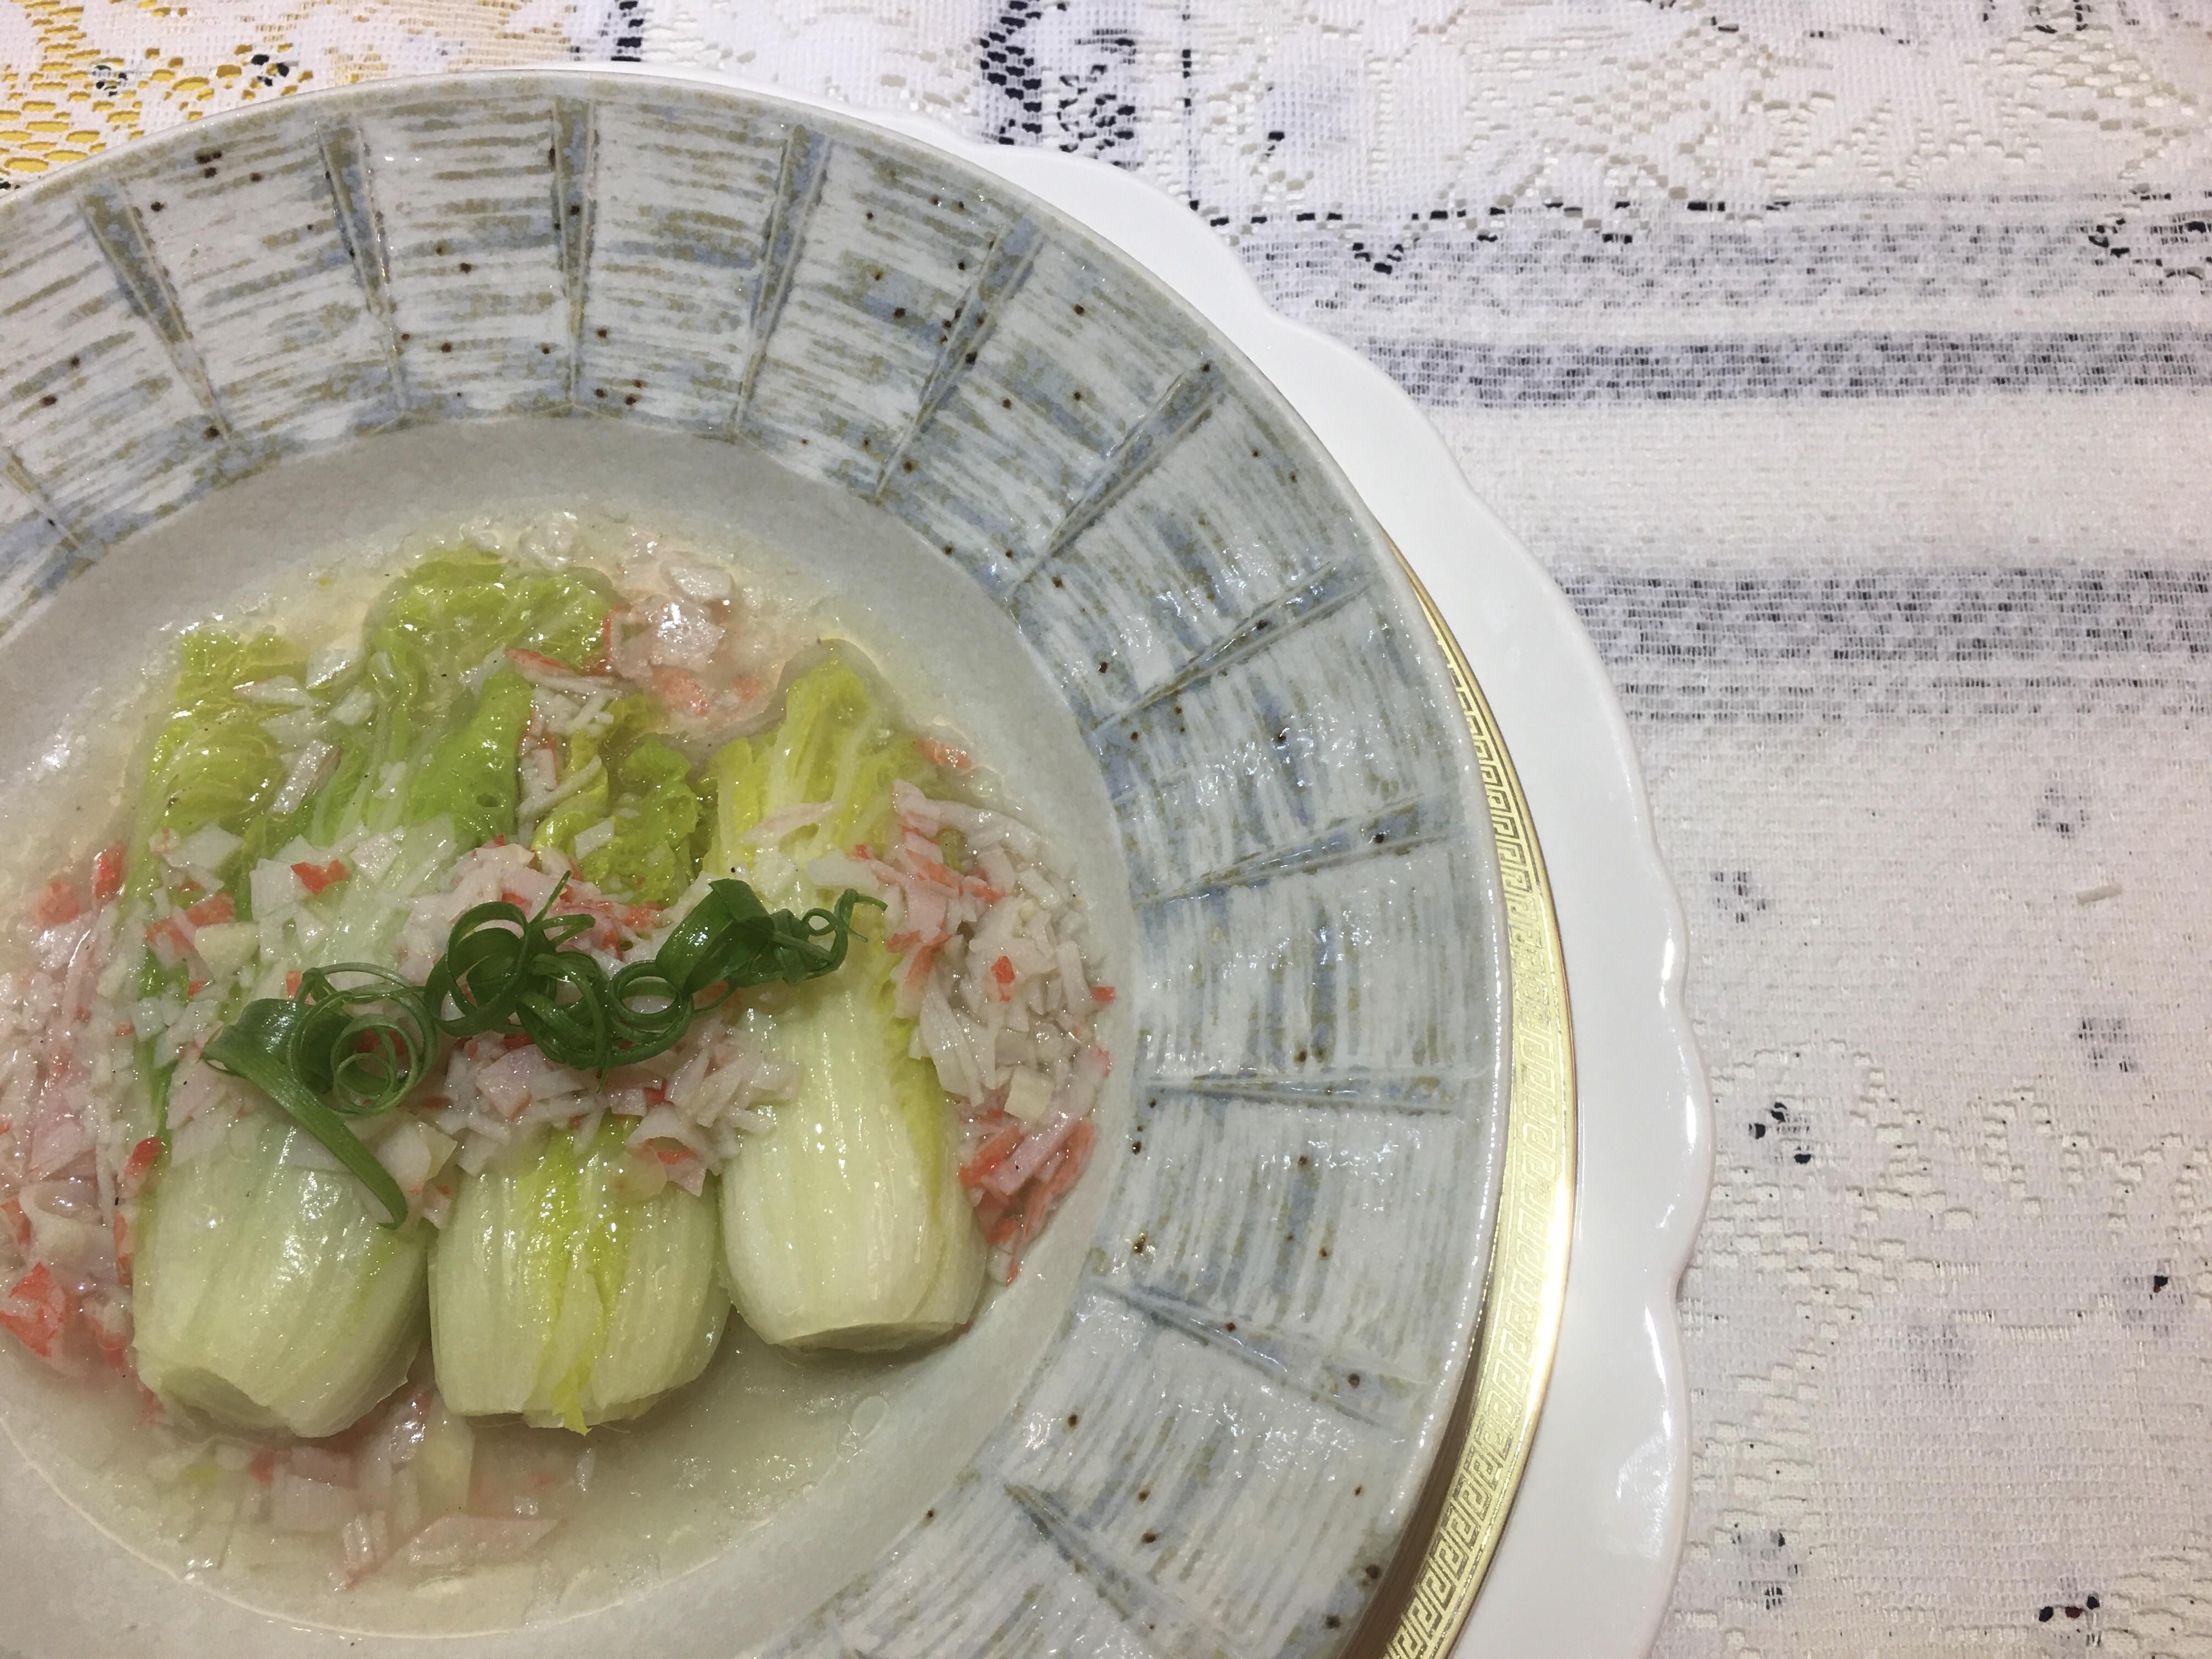 翠玉白菜(娃娃菜)-30cm樂炒鍋